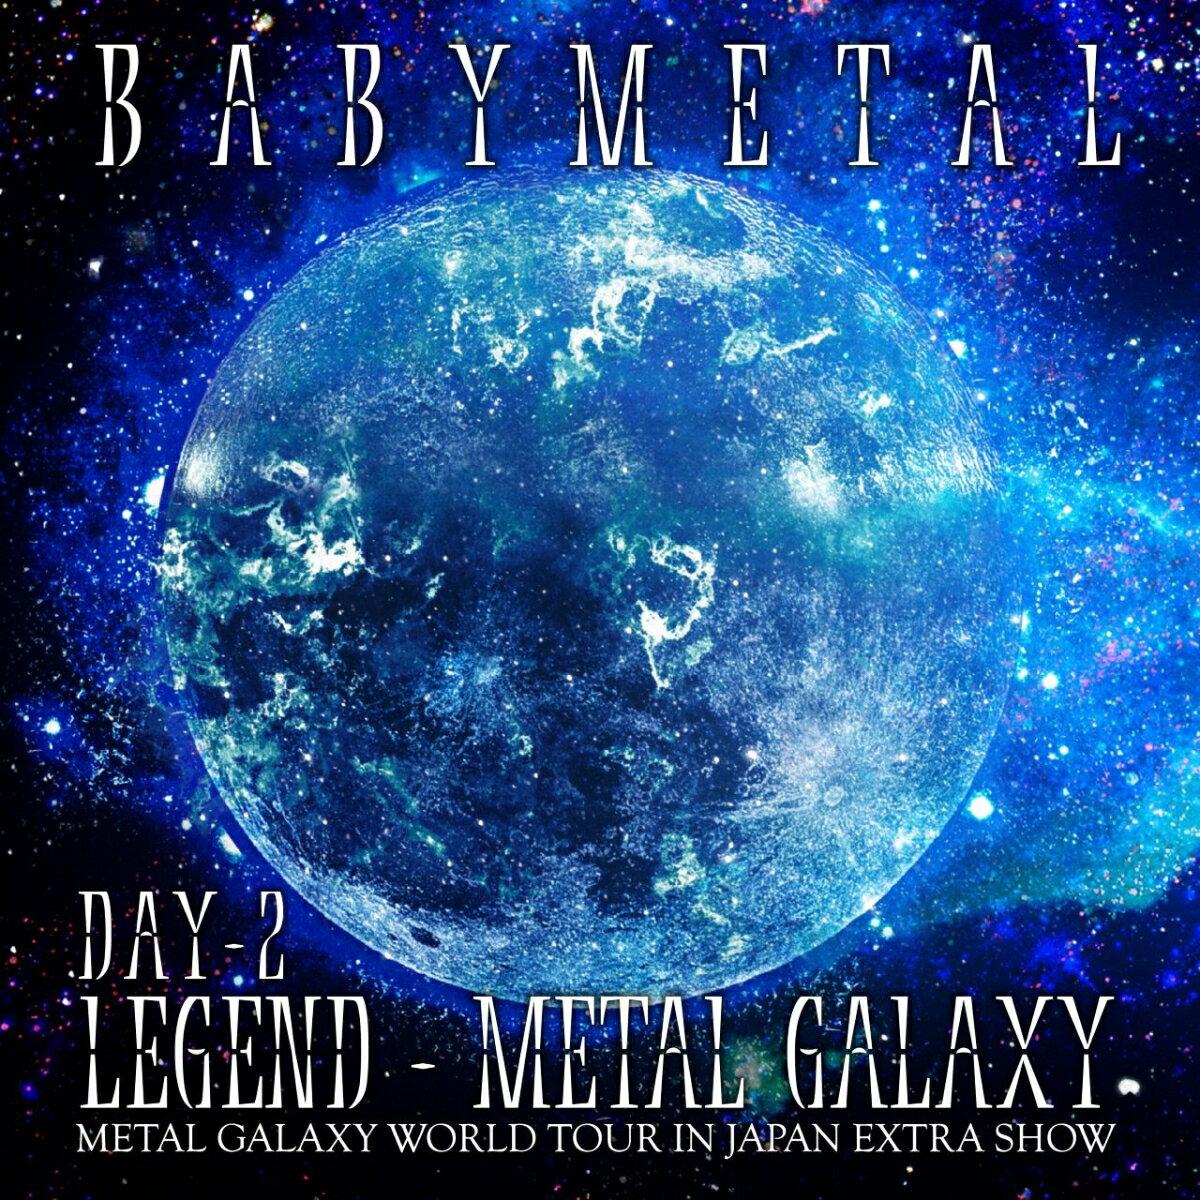 ロック・ポップス, その他 LEGEND - METAL GALAXY DAY-2 (METAL GALAXY WORLD TOUR IN JAPAN EXTRA SHOW) BABYMETAL